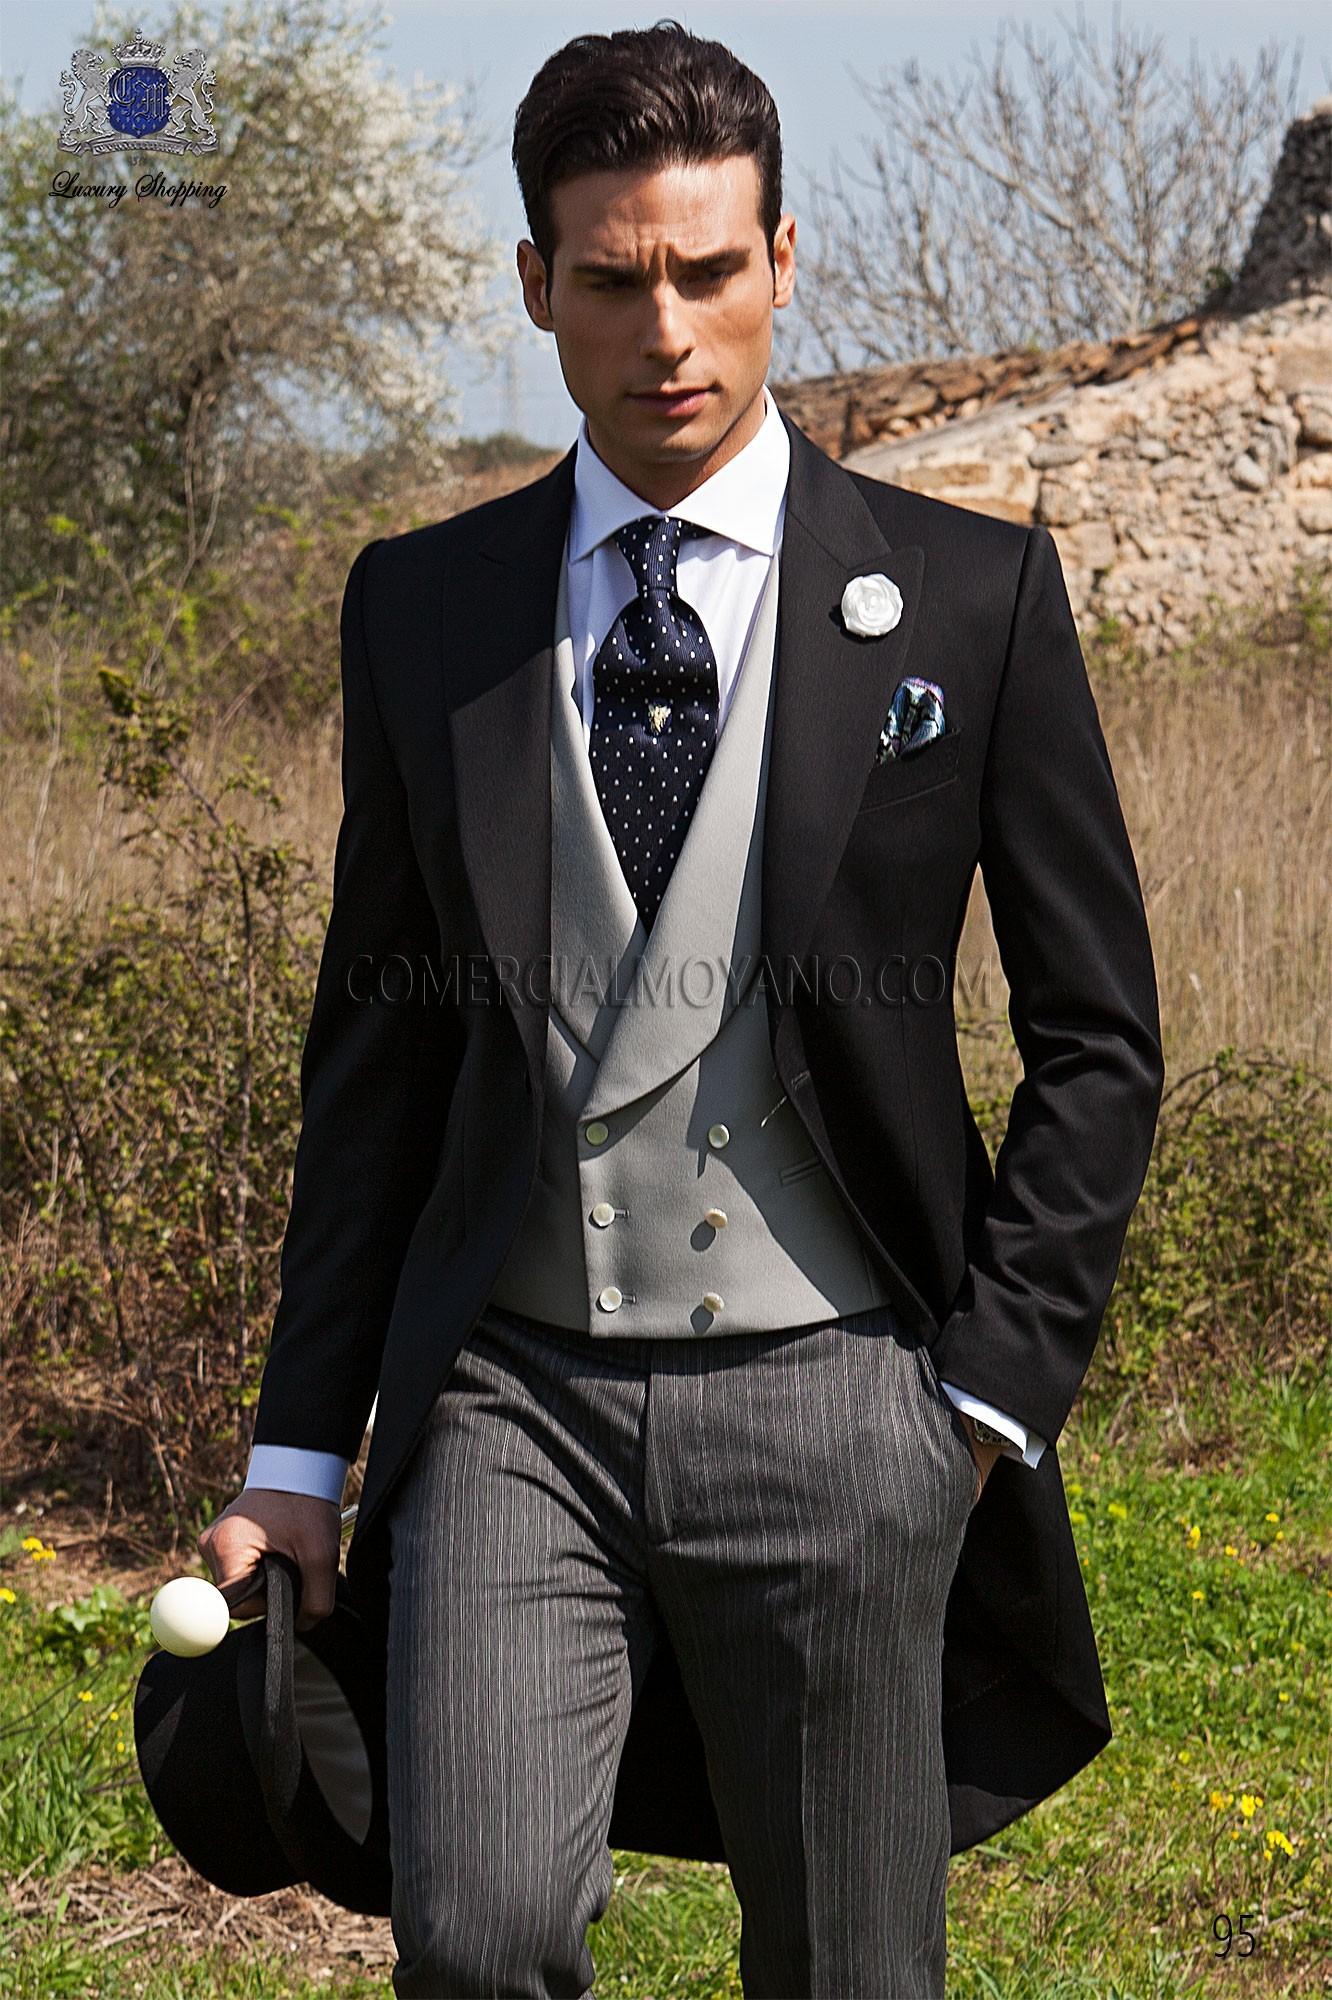 Traje de novio chaqué italiano a medida levita negra en pura lana satén, sin corte en la cintura, pantalón de raya diplomática, modelo 95 Ottavio Nuccio Gala colección Gentleman.